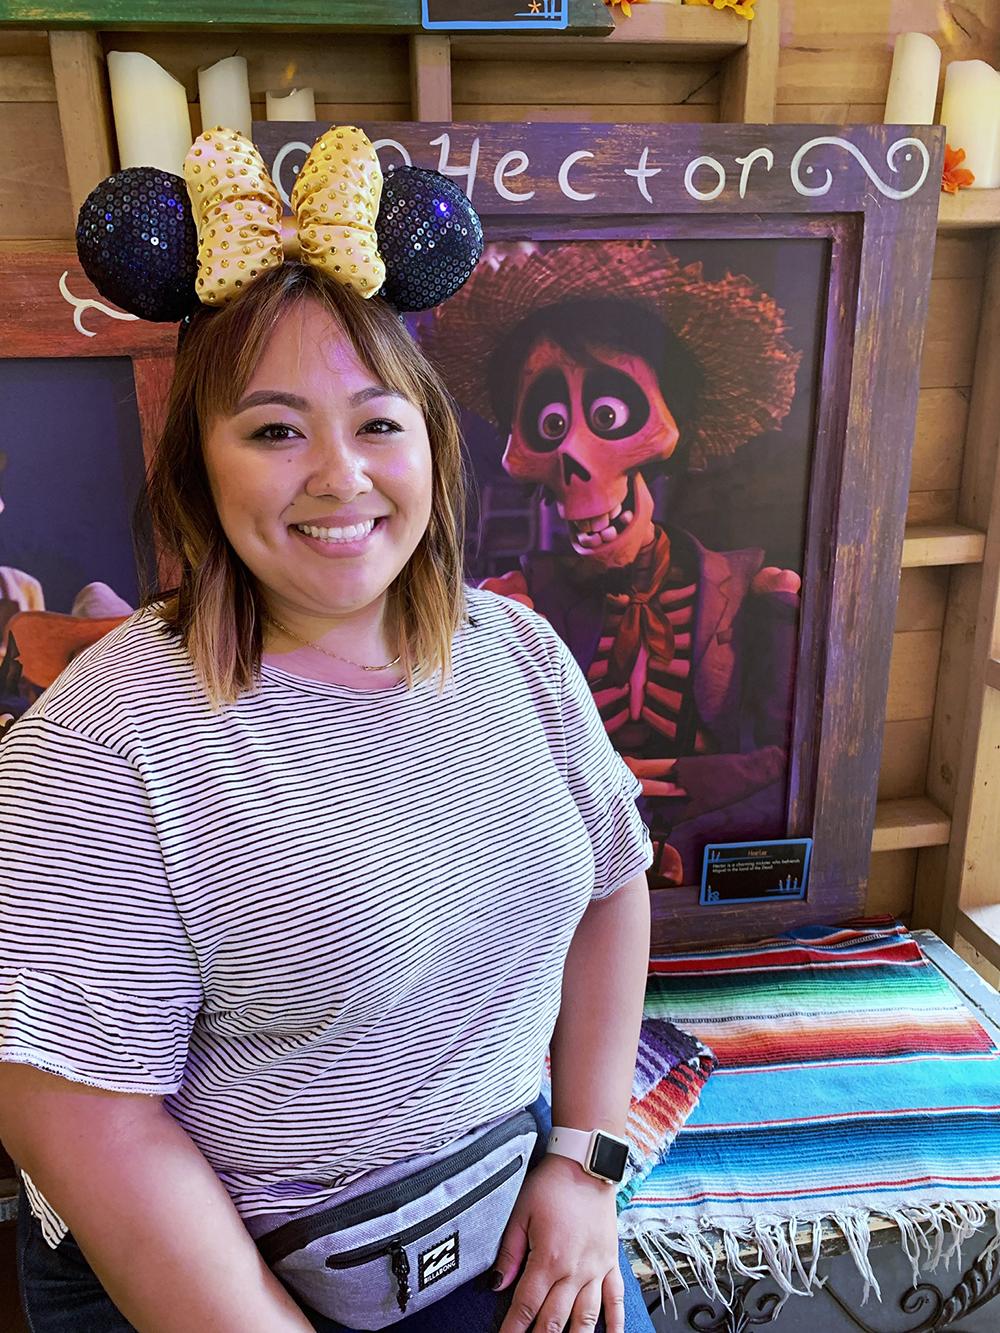 10/08/18 — I love the movie Coco so you know I had to visit the Plaza de la Familia!